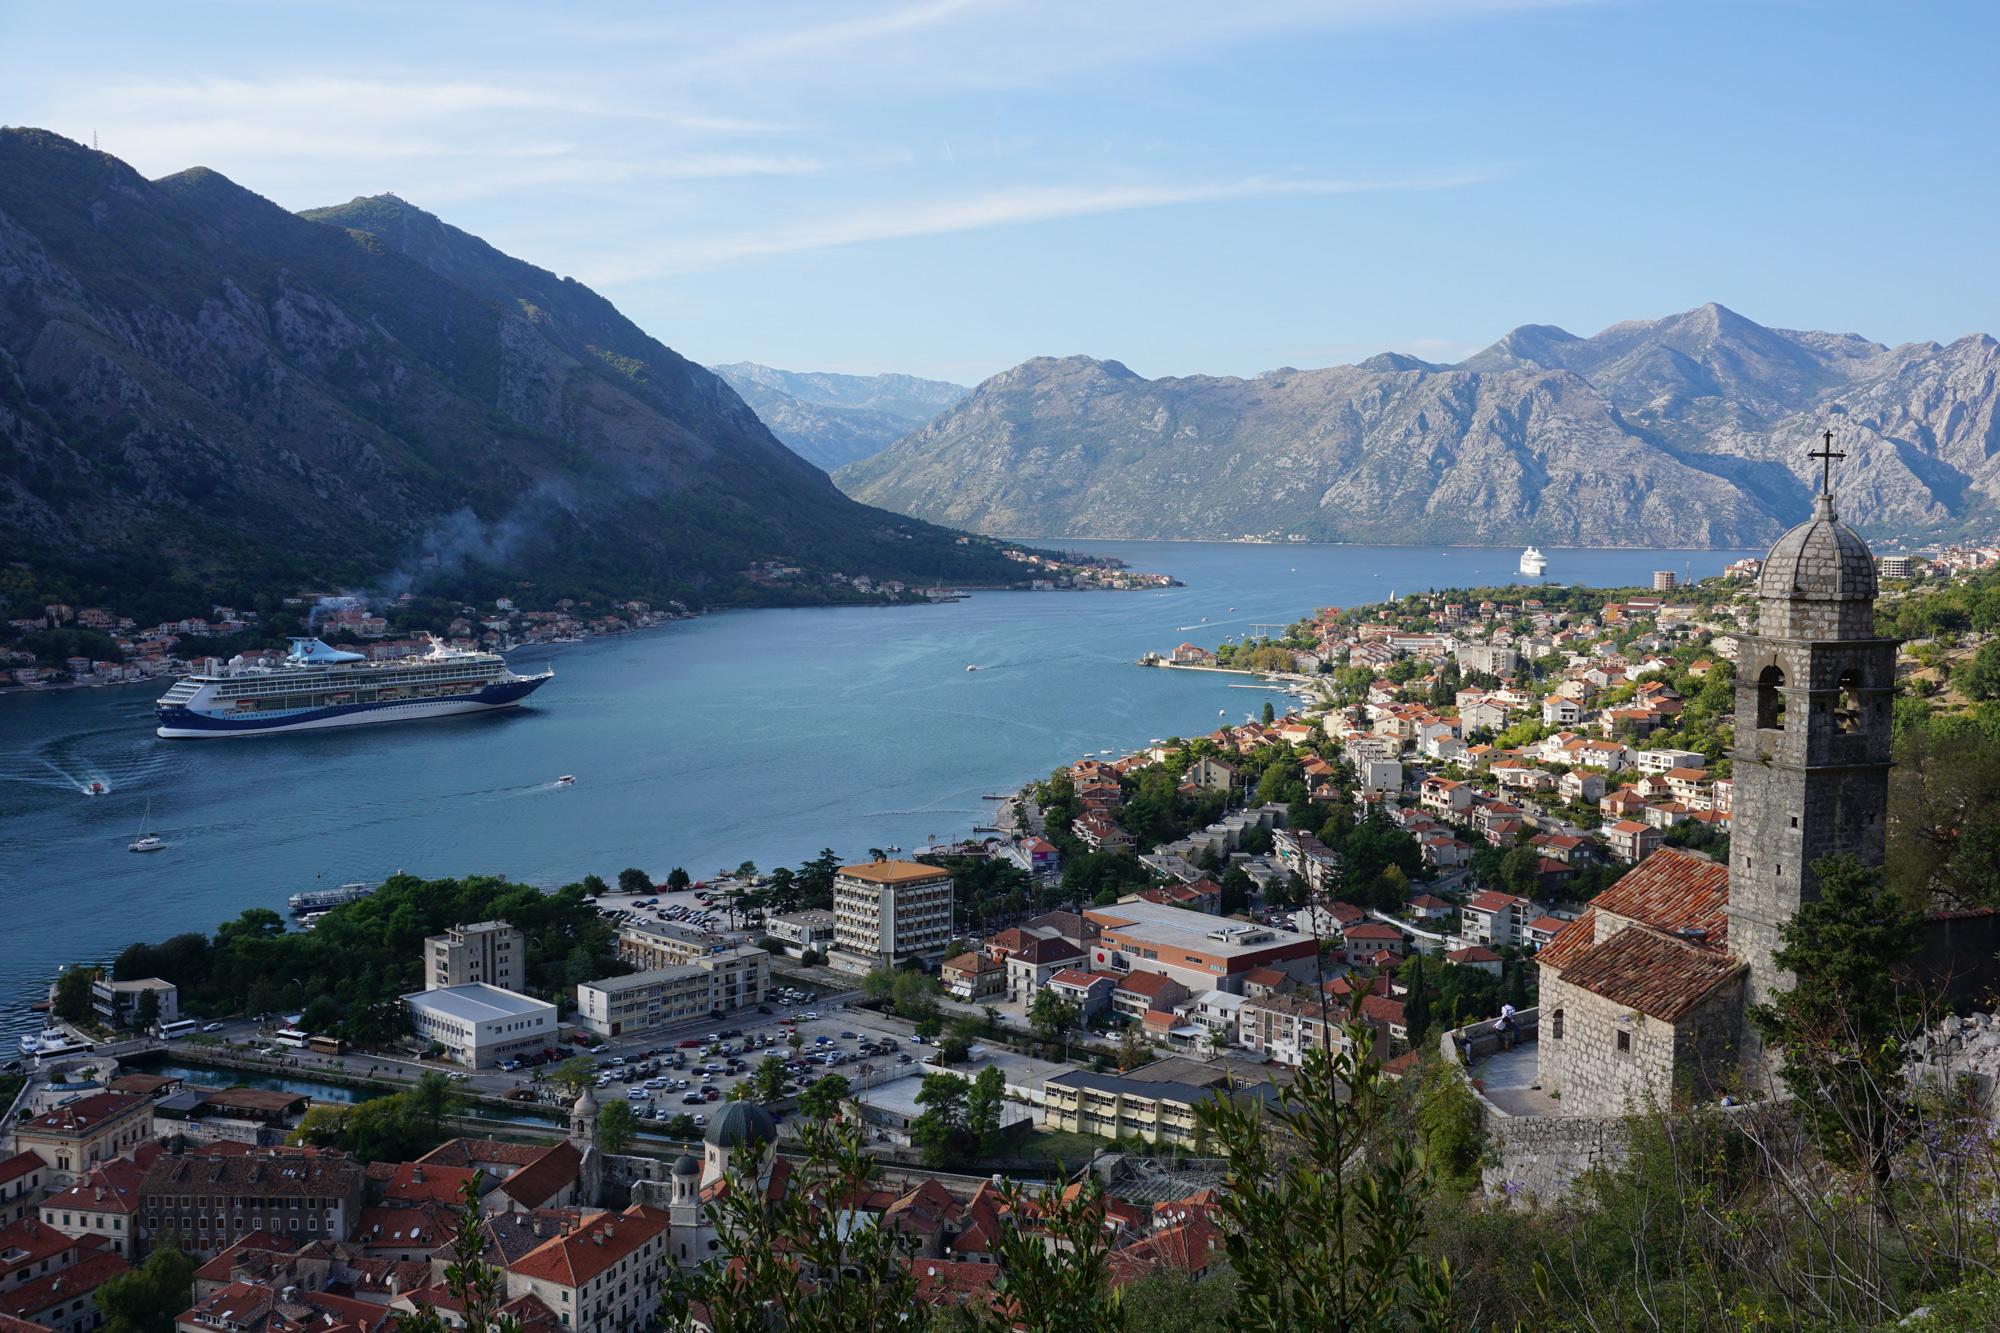 Die UNESCO-Weltkulturerbe-Stadt Kotor an der montenegrinischen Adriaküste © Thorsten Hoyer